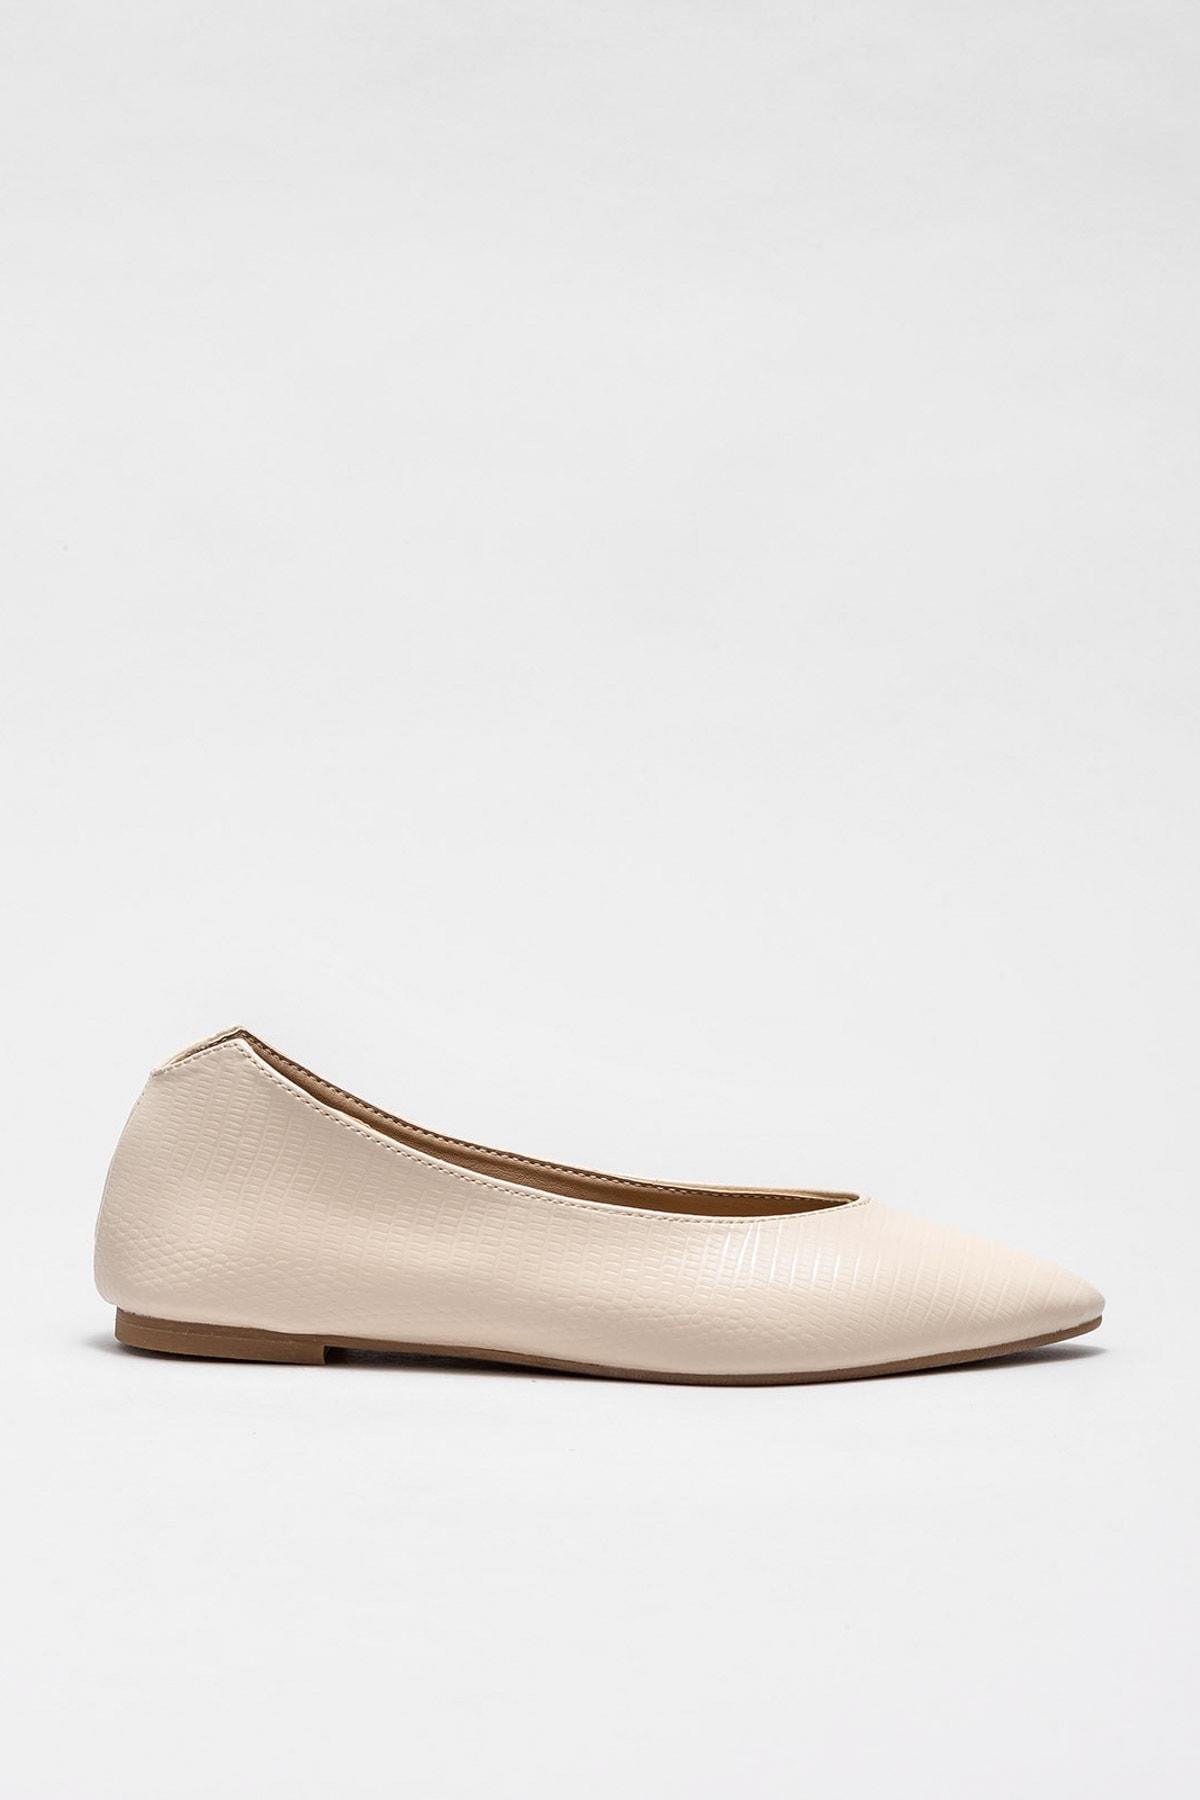 Elle Shoes Kadın Casual Ayakkabı Rousey-3 20KDY404 1